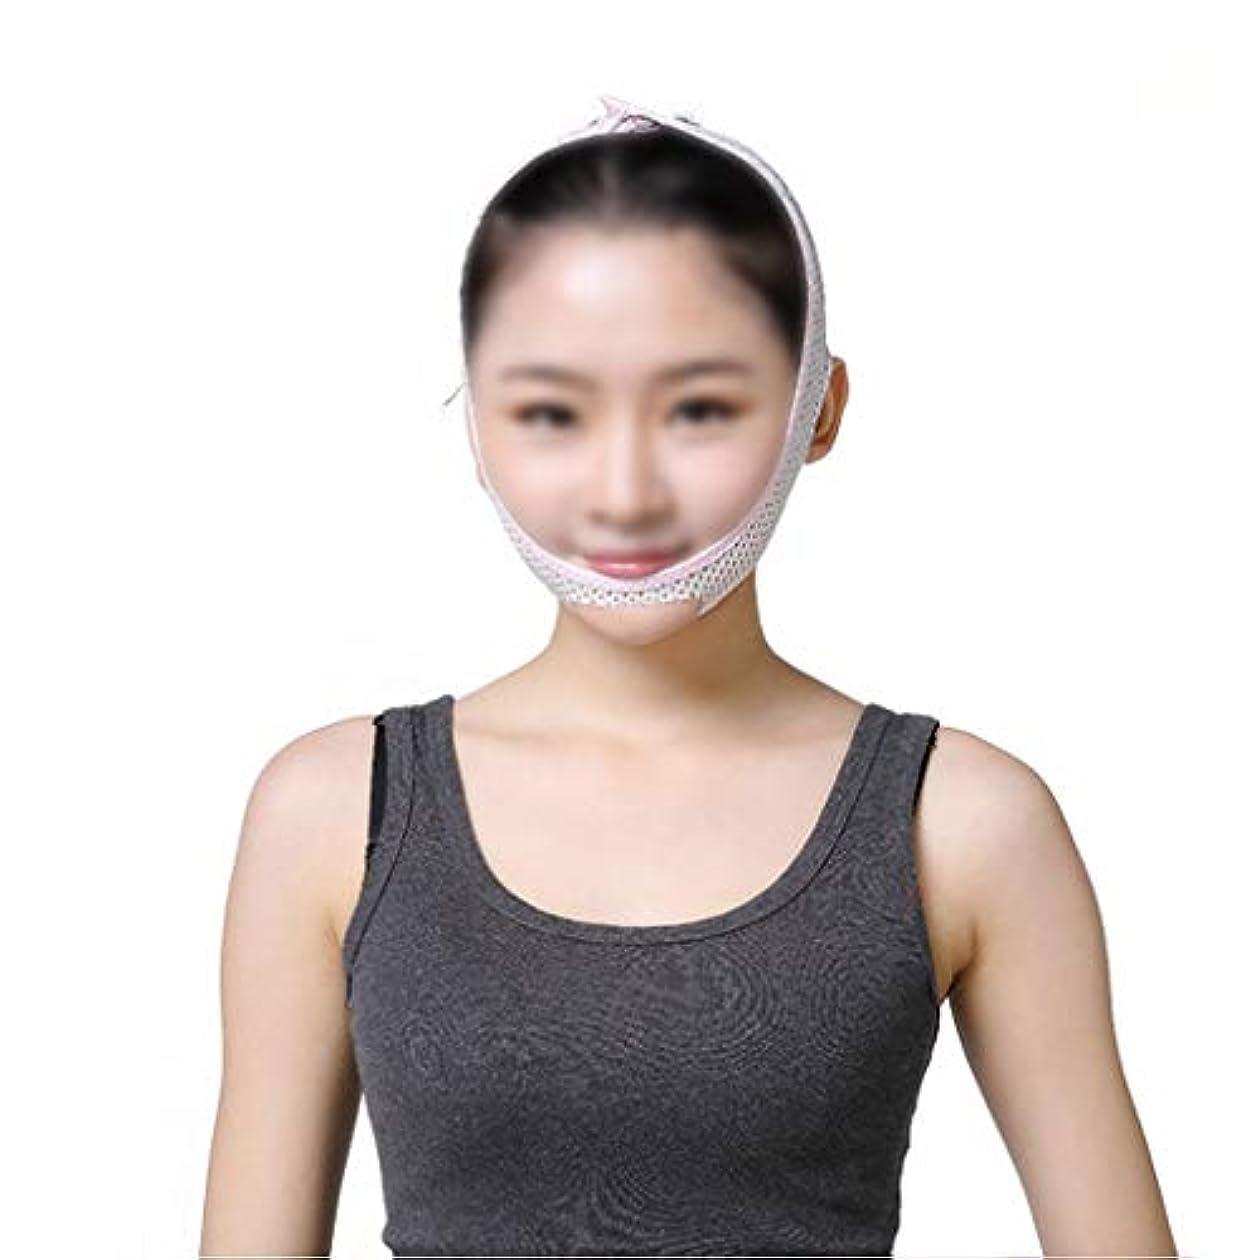 おめでとう泣くウガンダGLJJQMY 薄い顔のマスク快適な 引き締め肌の引き締め睡眠薄い顔のアーティファクト抗しわ除去二重あご術後回復マスク 顔用整形マスク